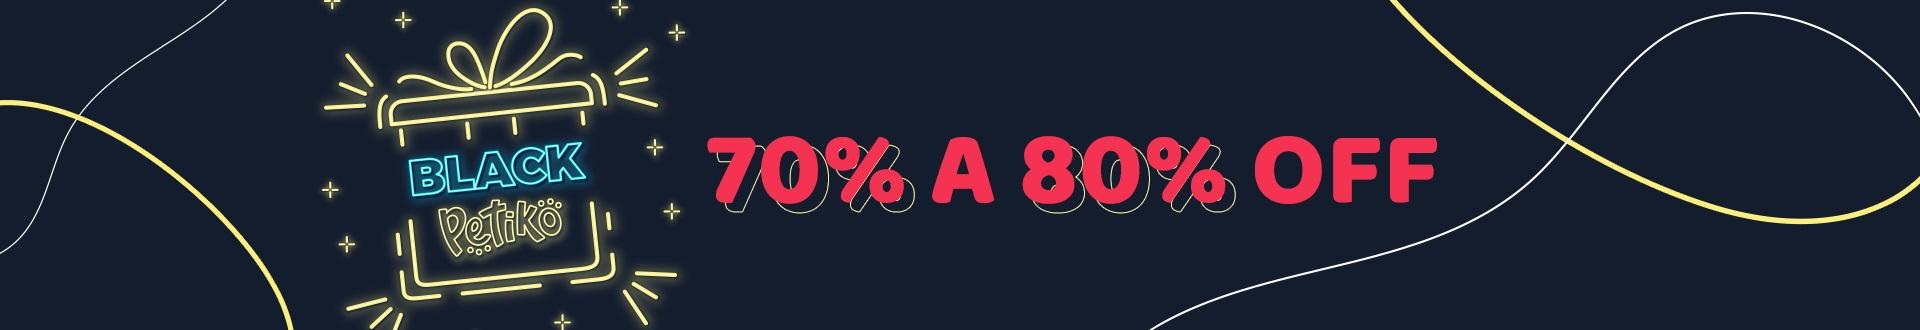 Ofertas 70% e 80% OFF